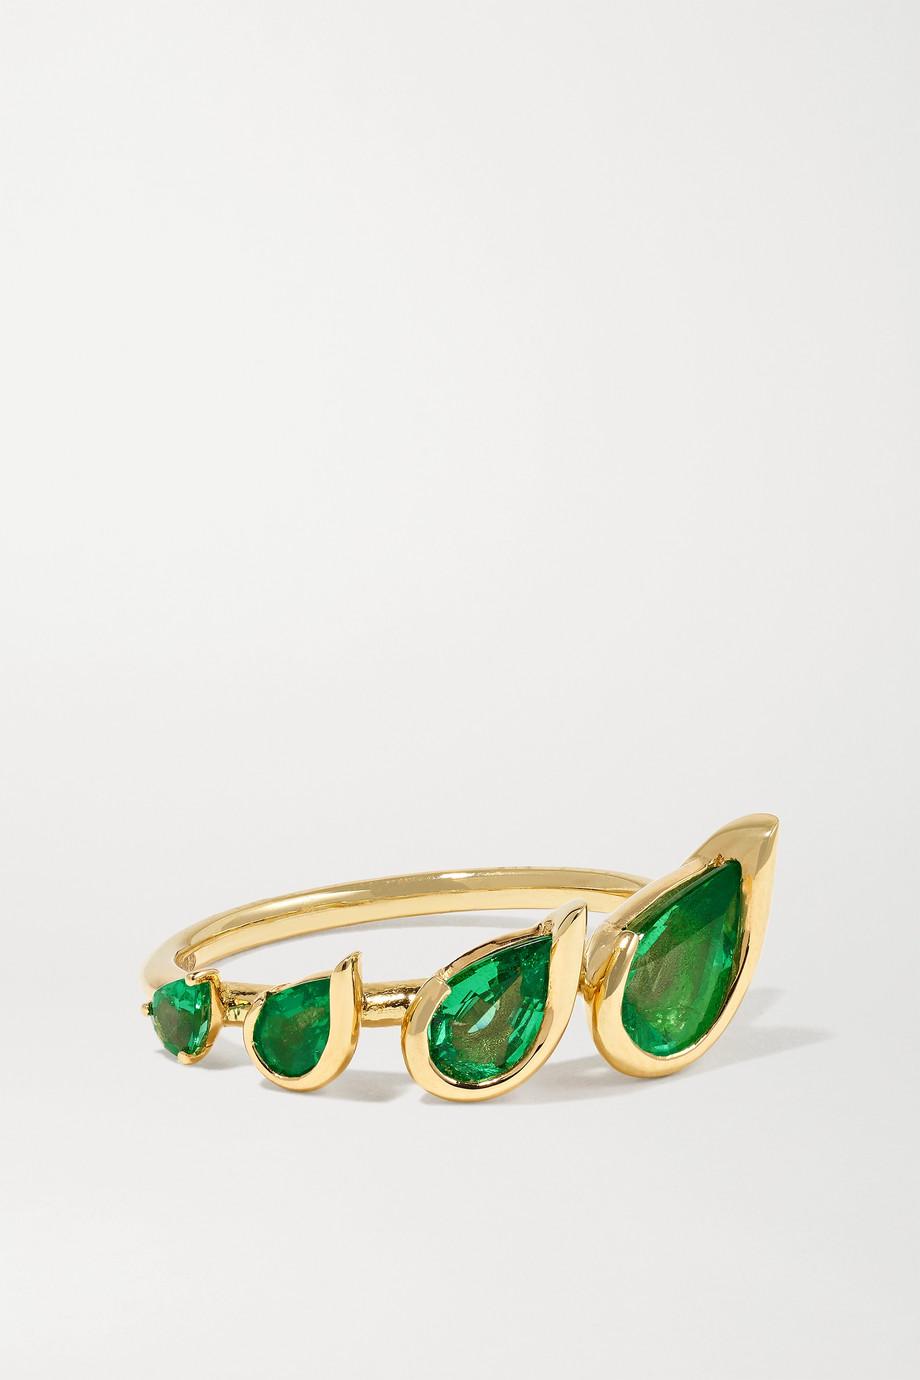 Fernando Jorge Flicker 18-karat gold emerald ring